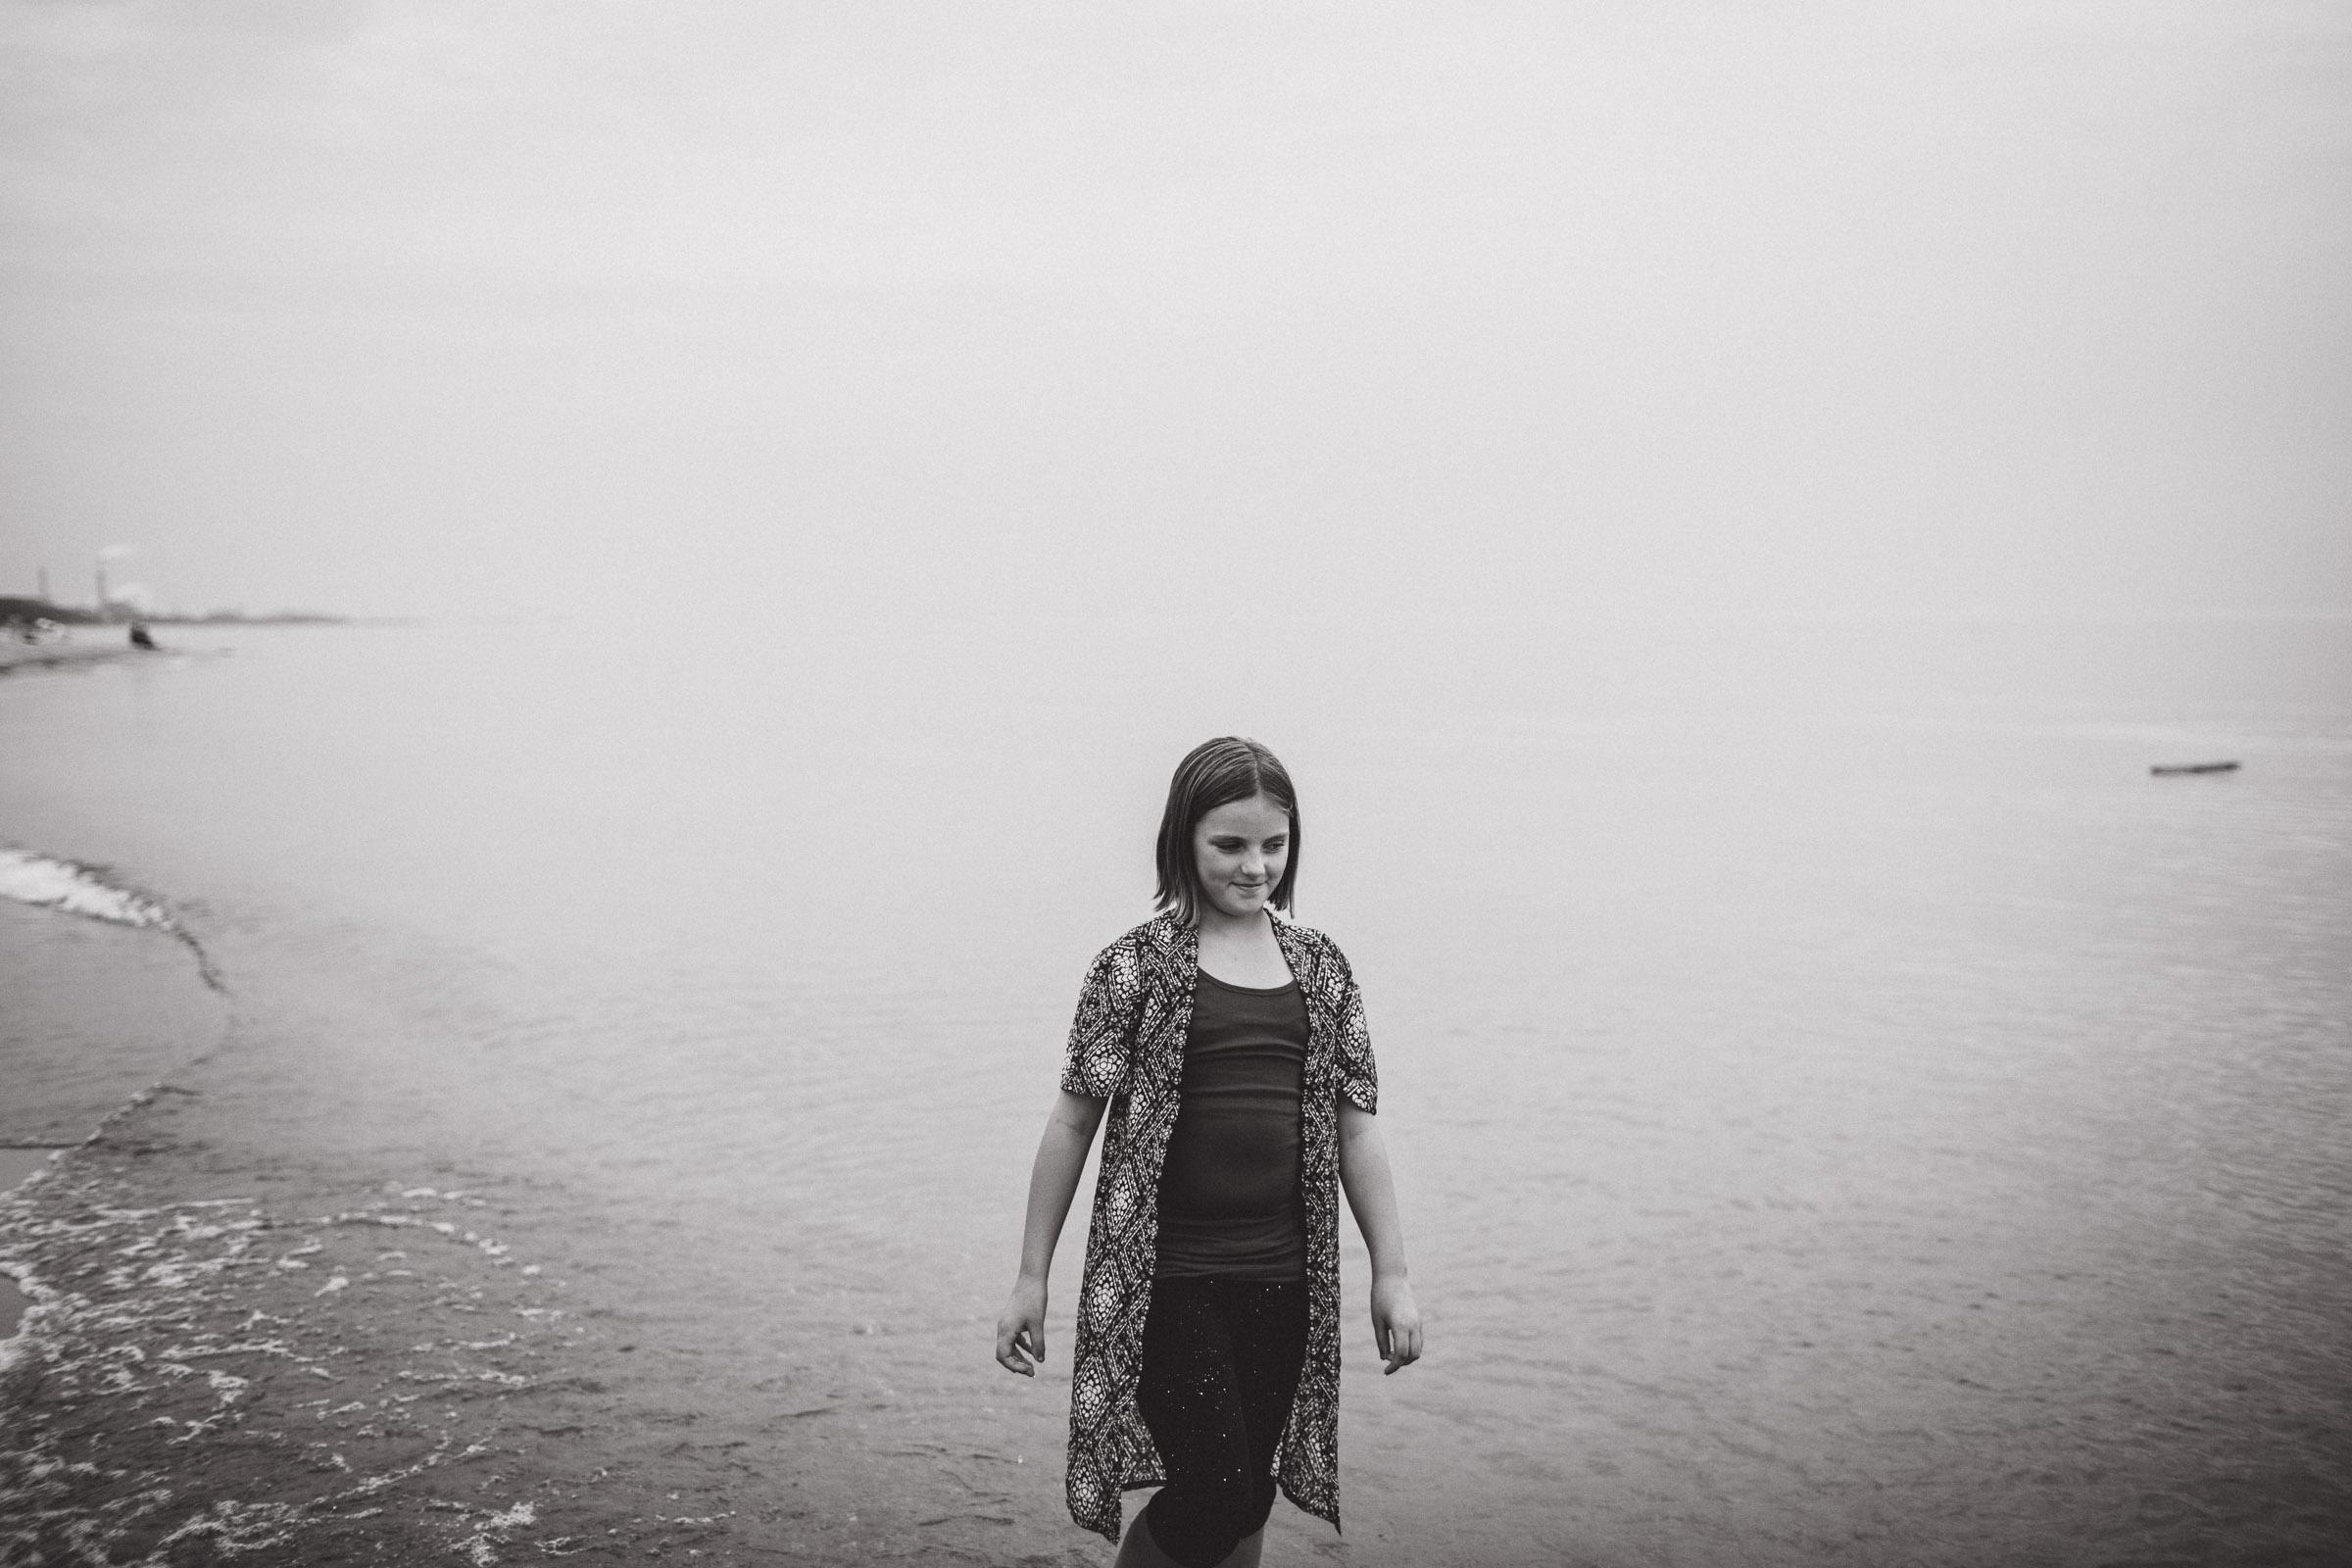 a girl calmly walking along the beach